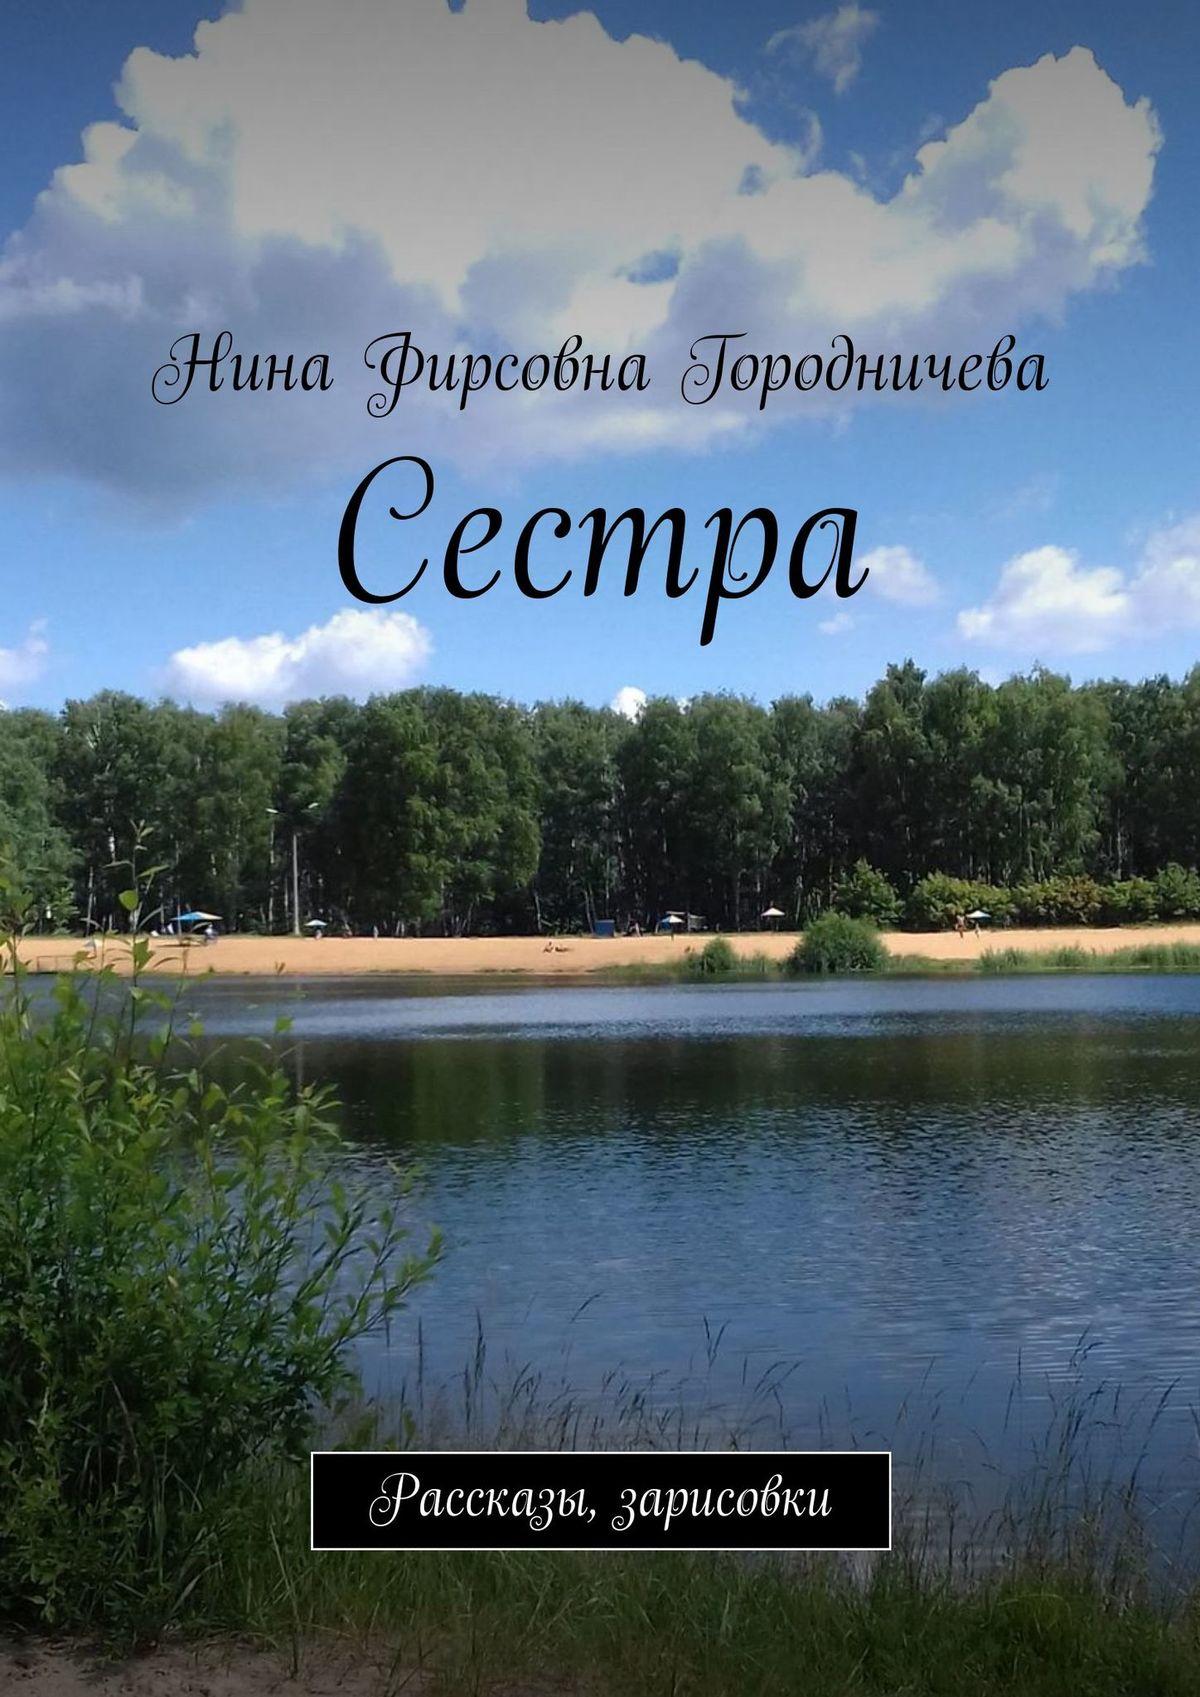 Нина Фирсовна Городничева Сестра. Рассказы, зарисовки цена 2017